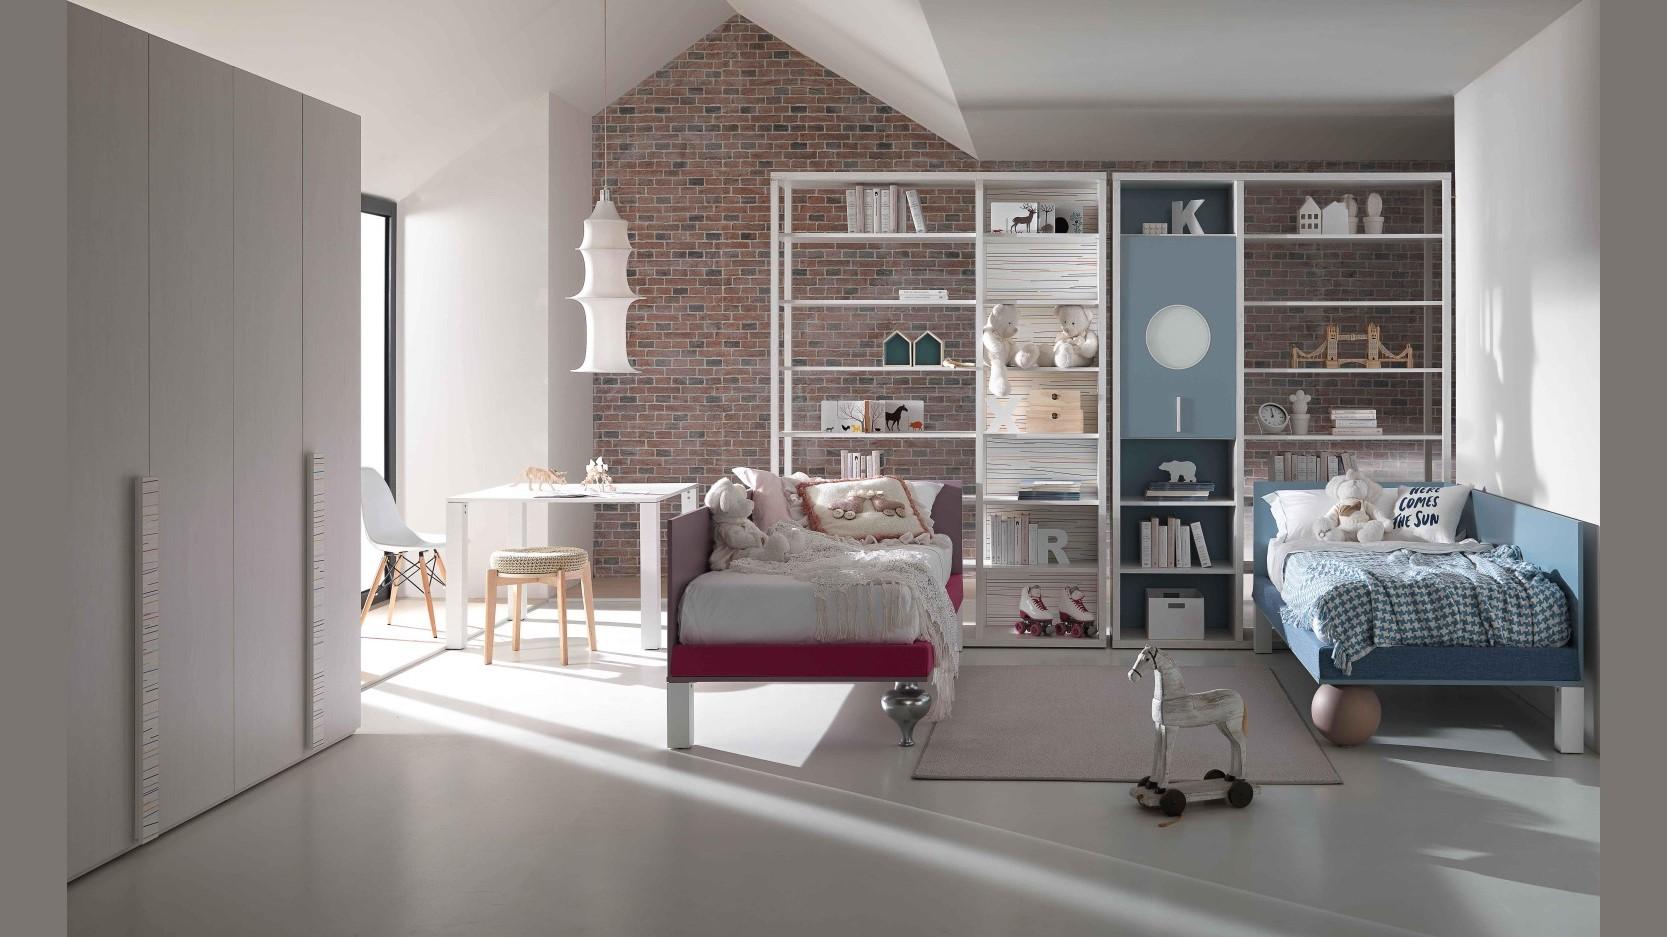 1448_z_Dielle-Camerette-Design-in-progress-anteprima-2017-063 - Copia